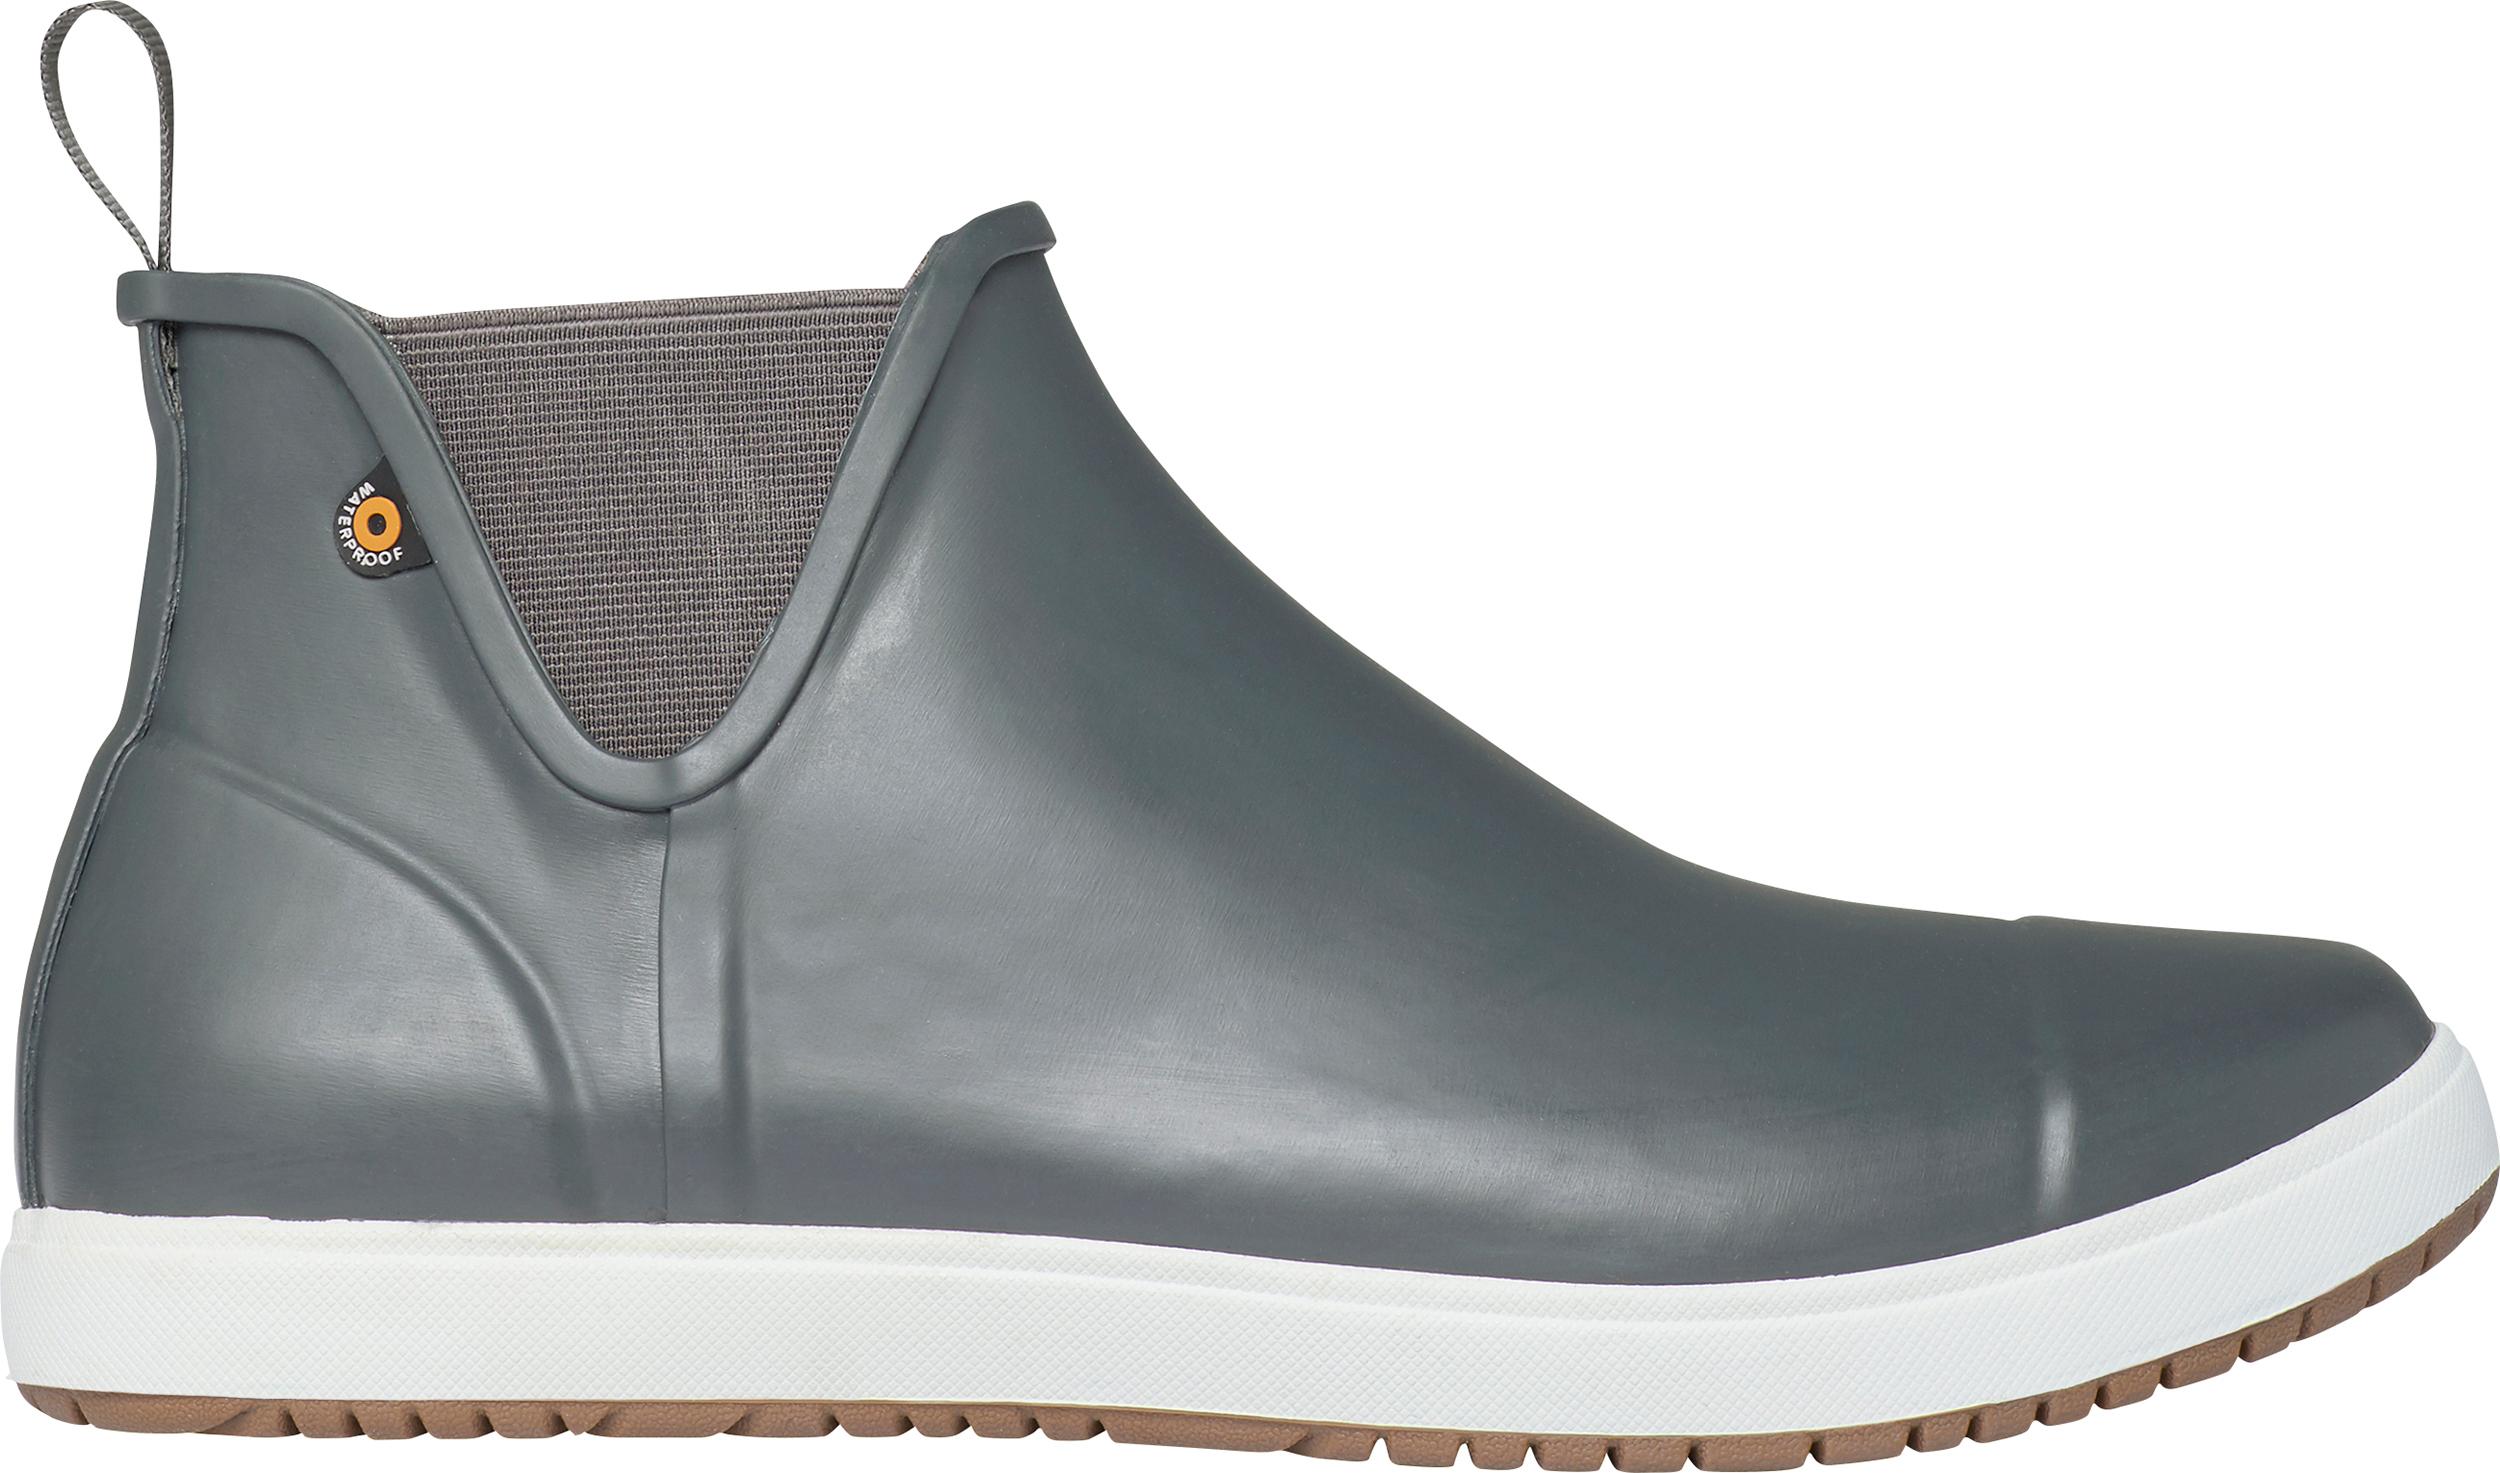 Bogs Ovecast Chelsea Rain Boots - Men's